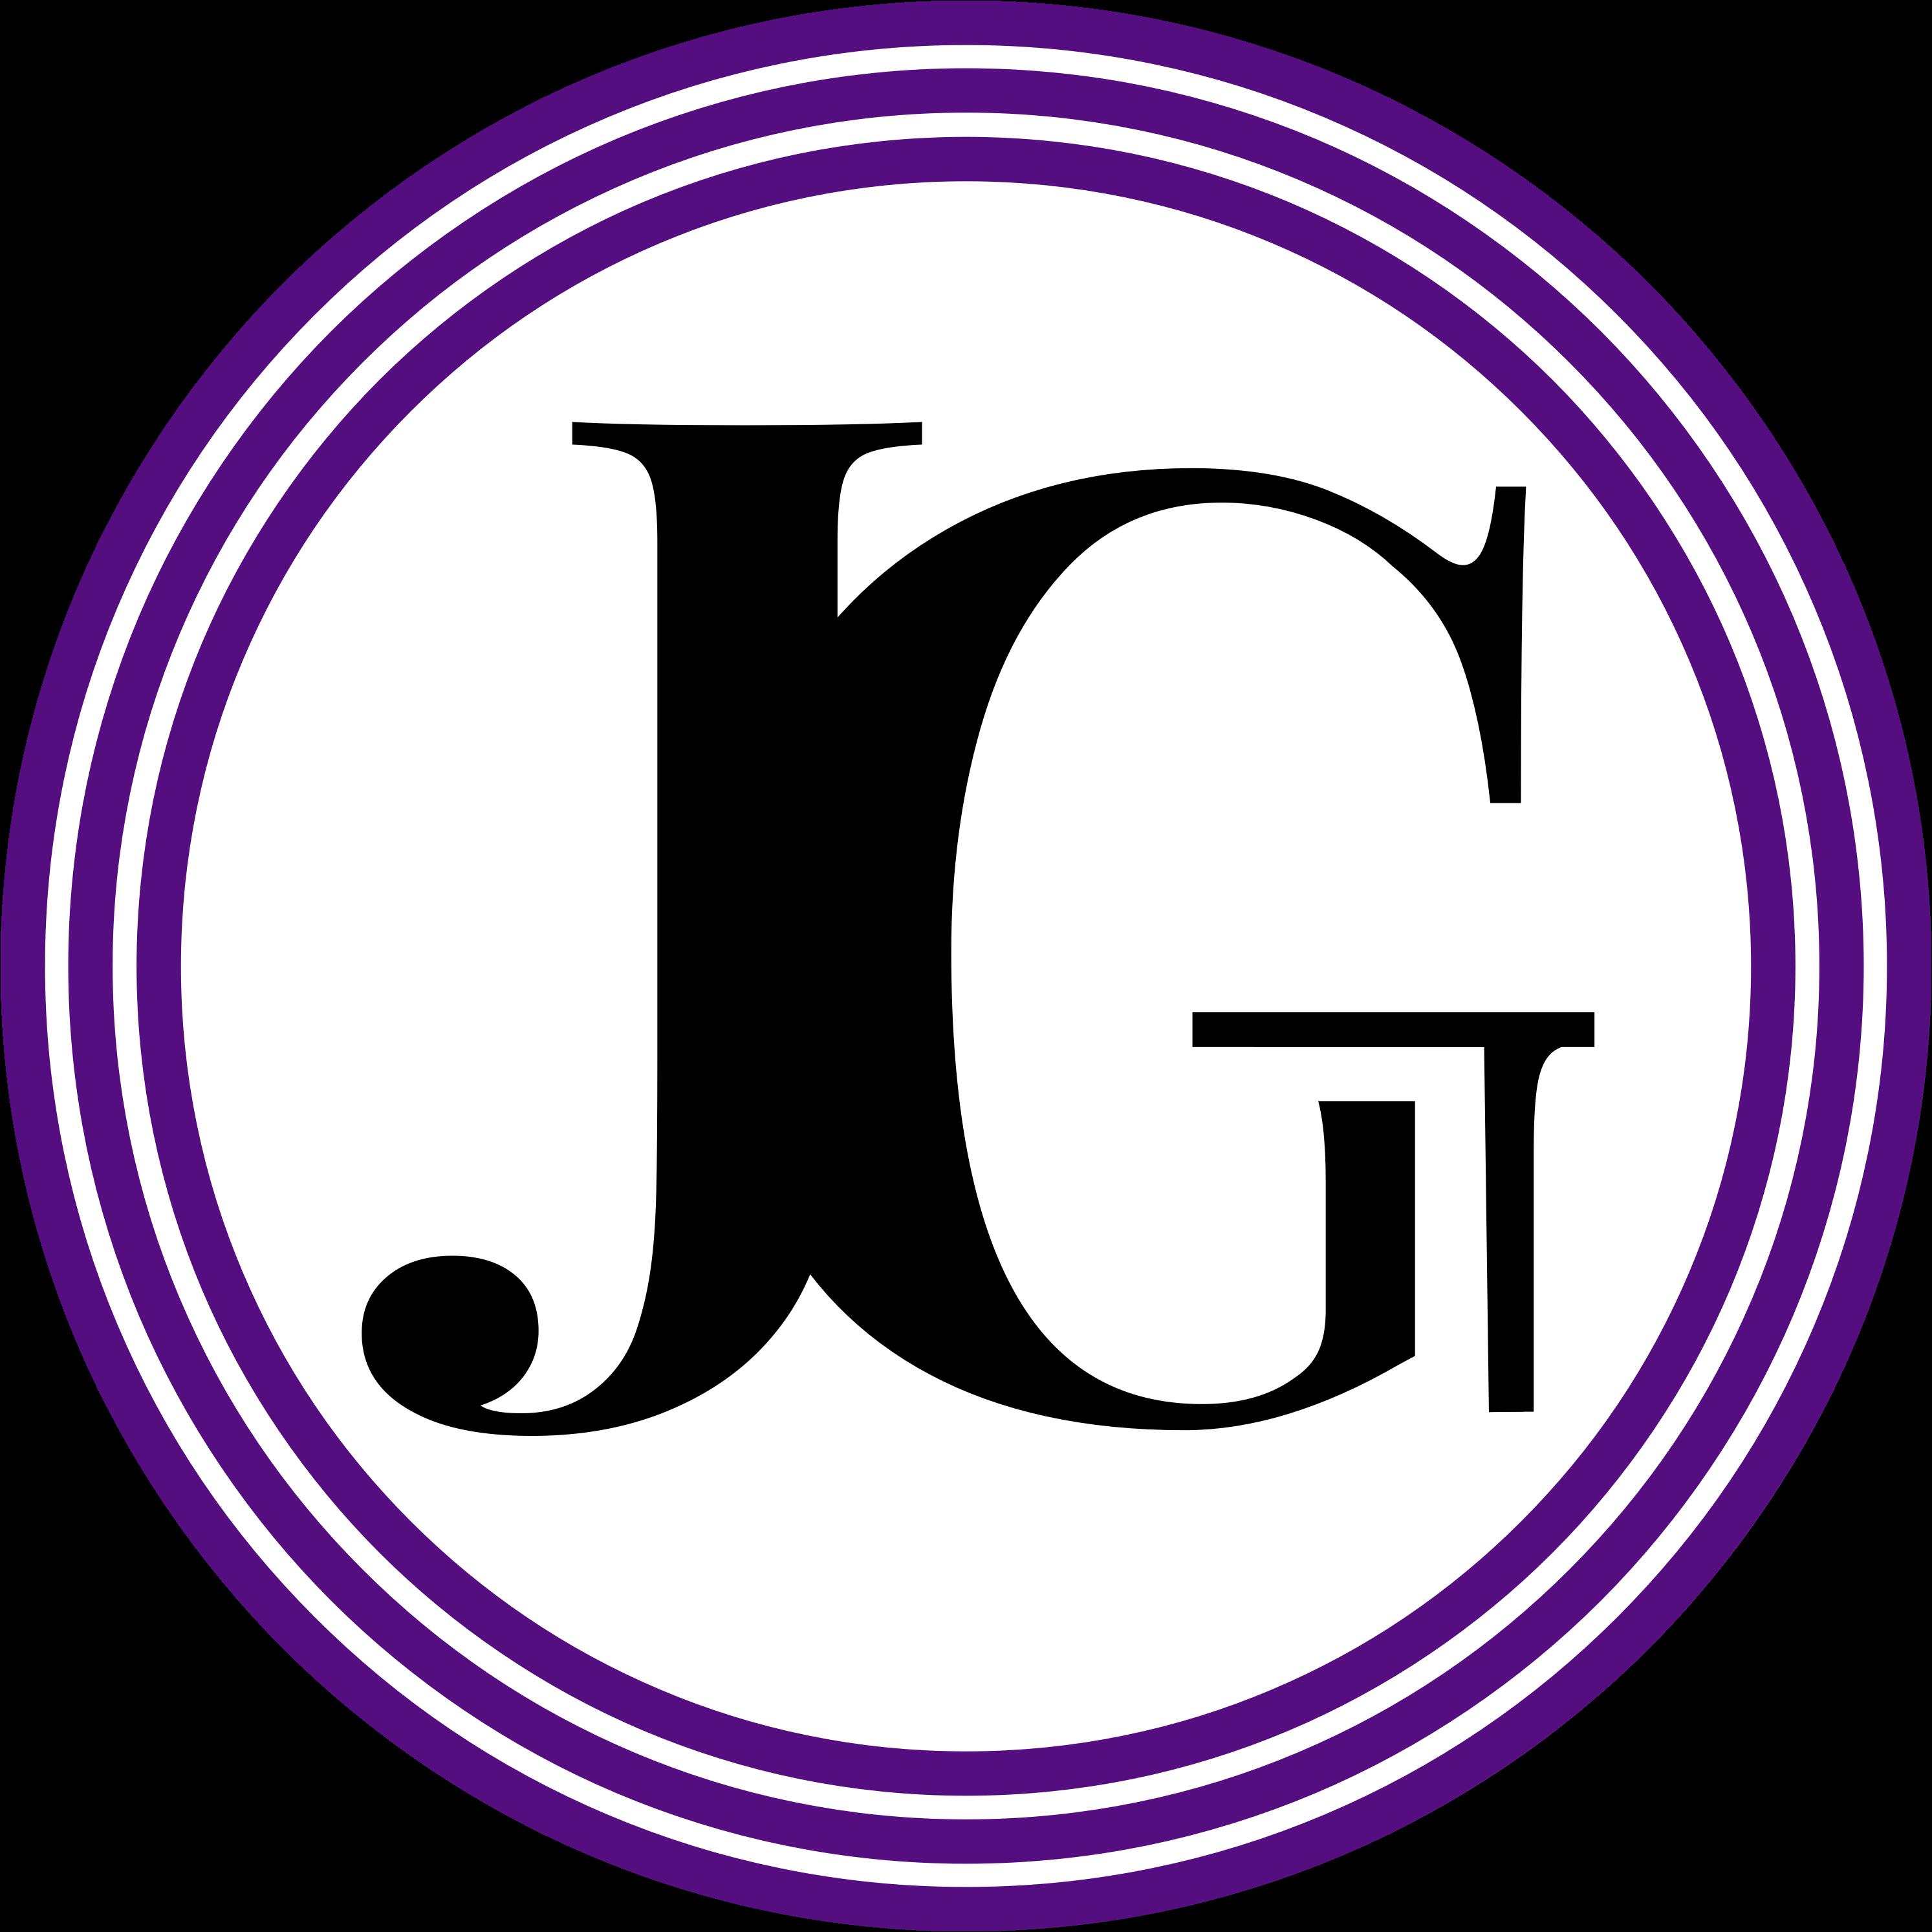 J Geisel